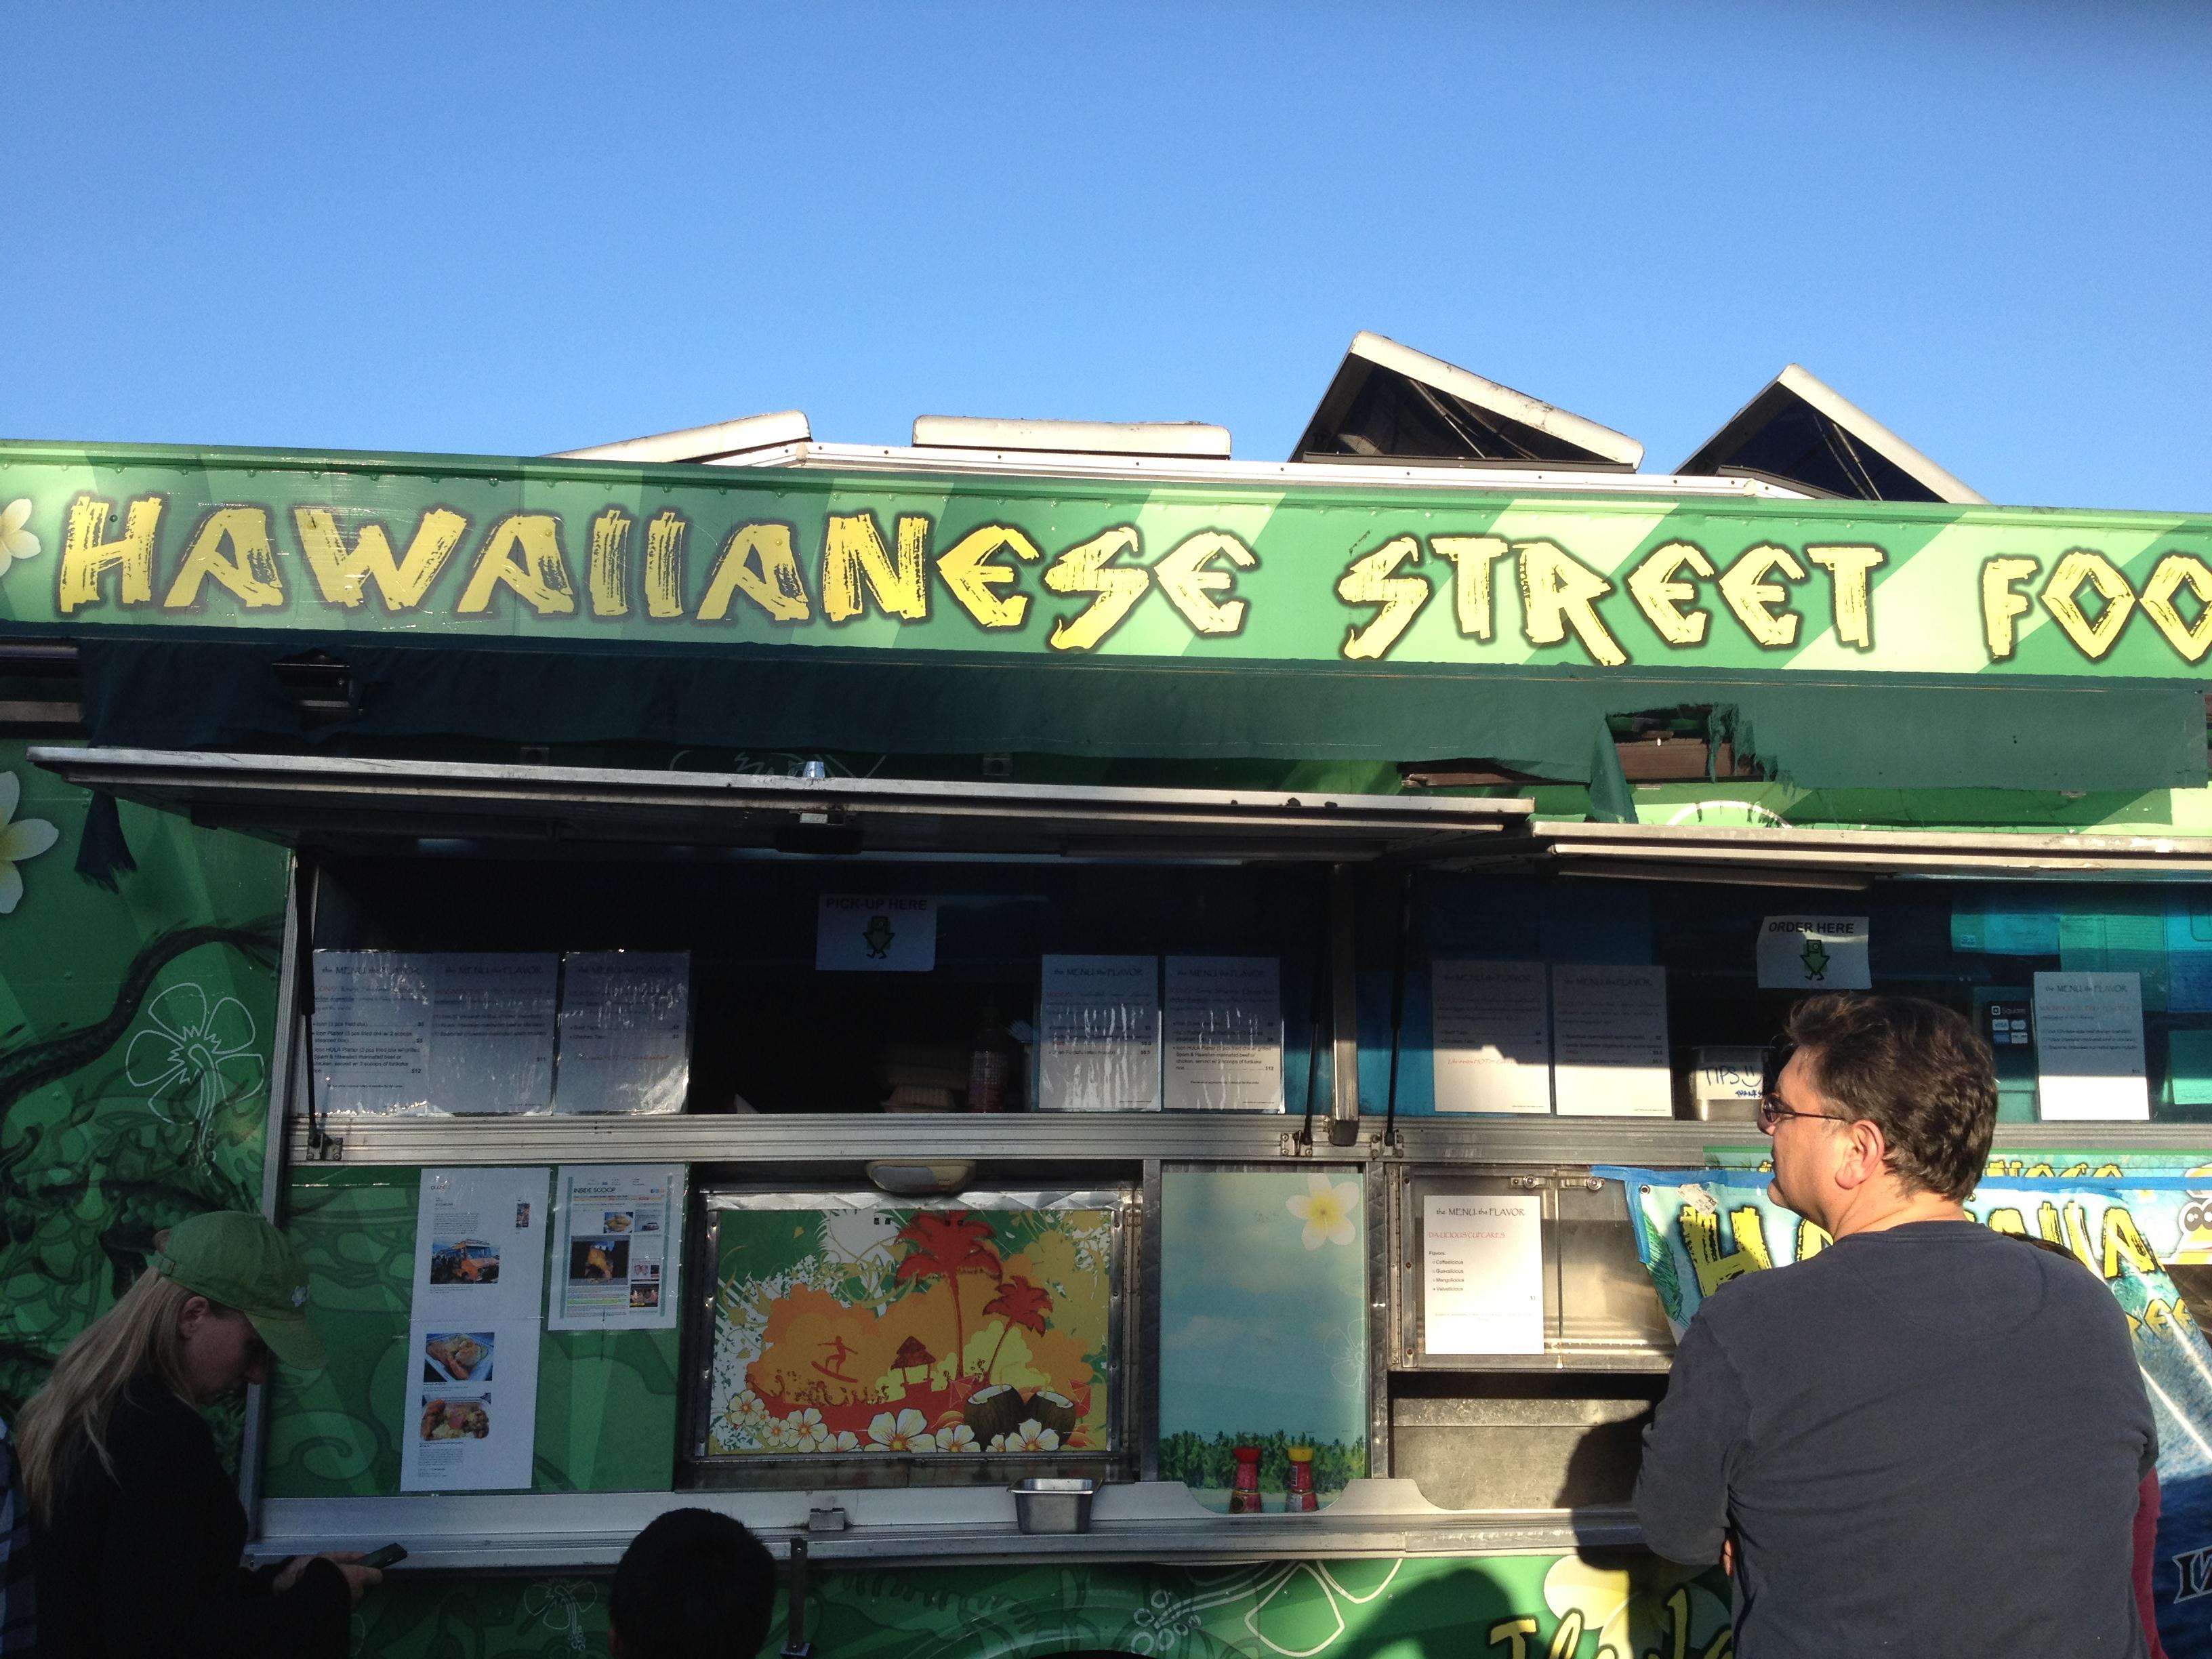 Geeks Food Truck San Jose